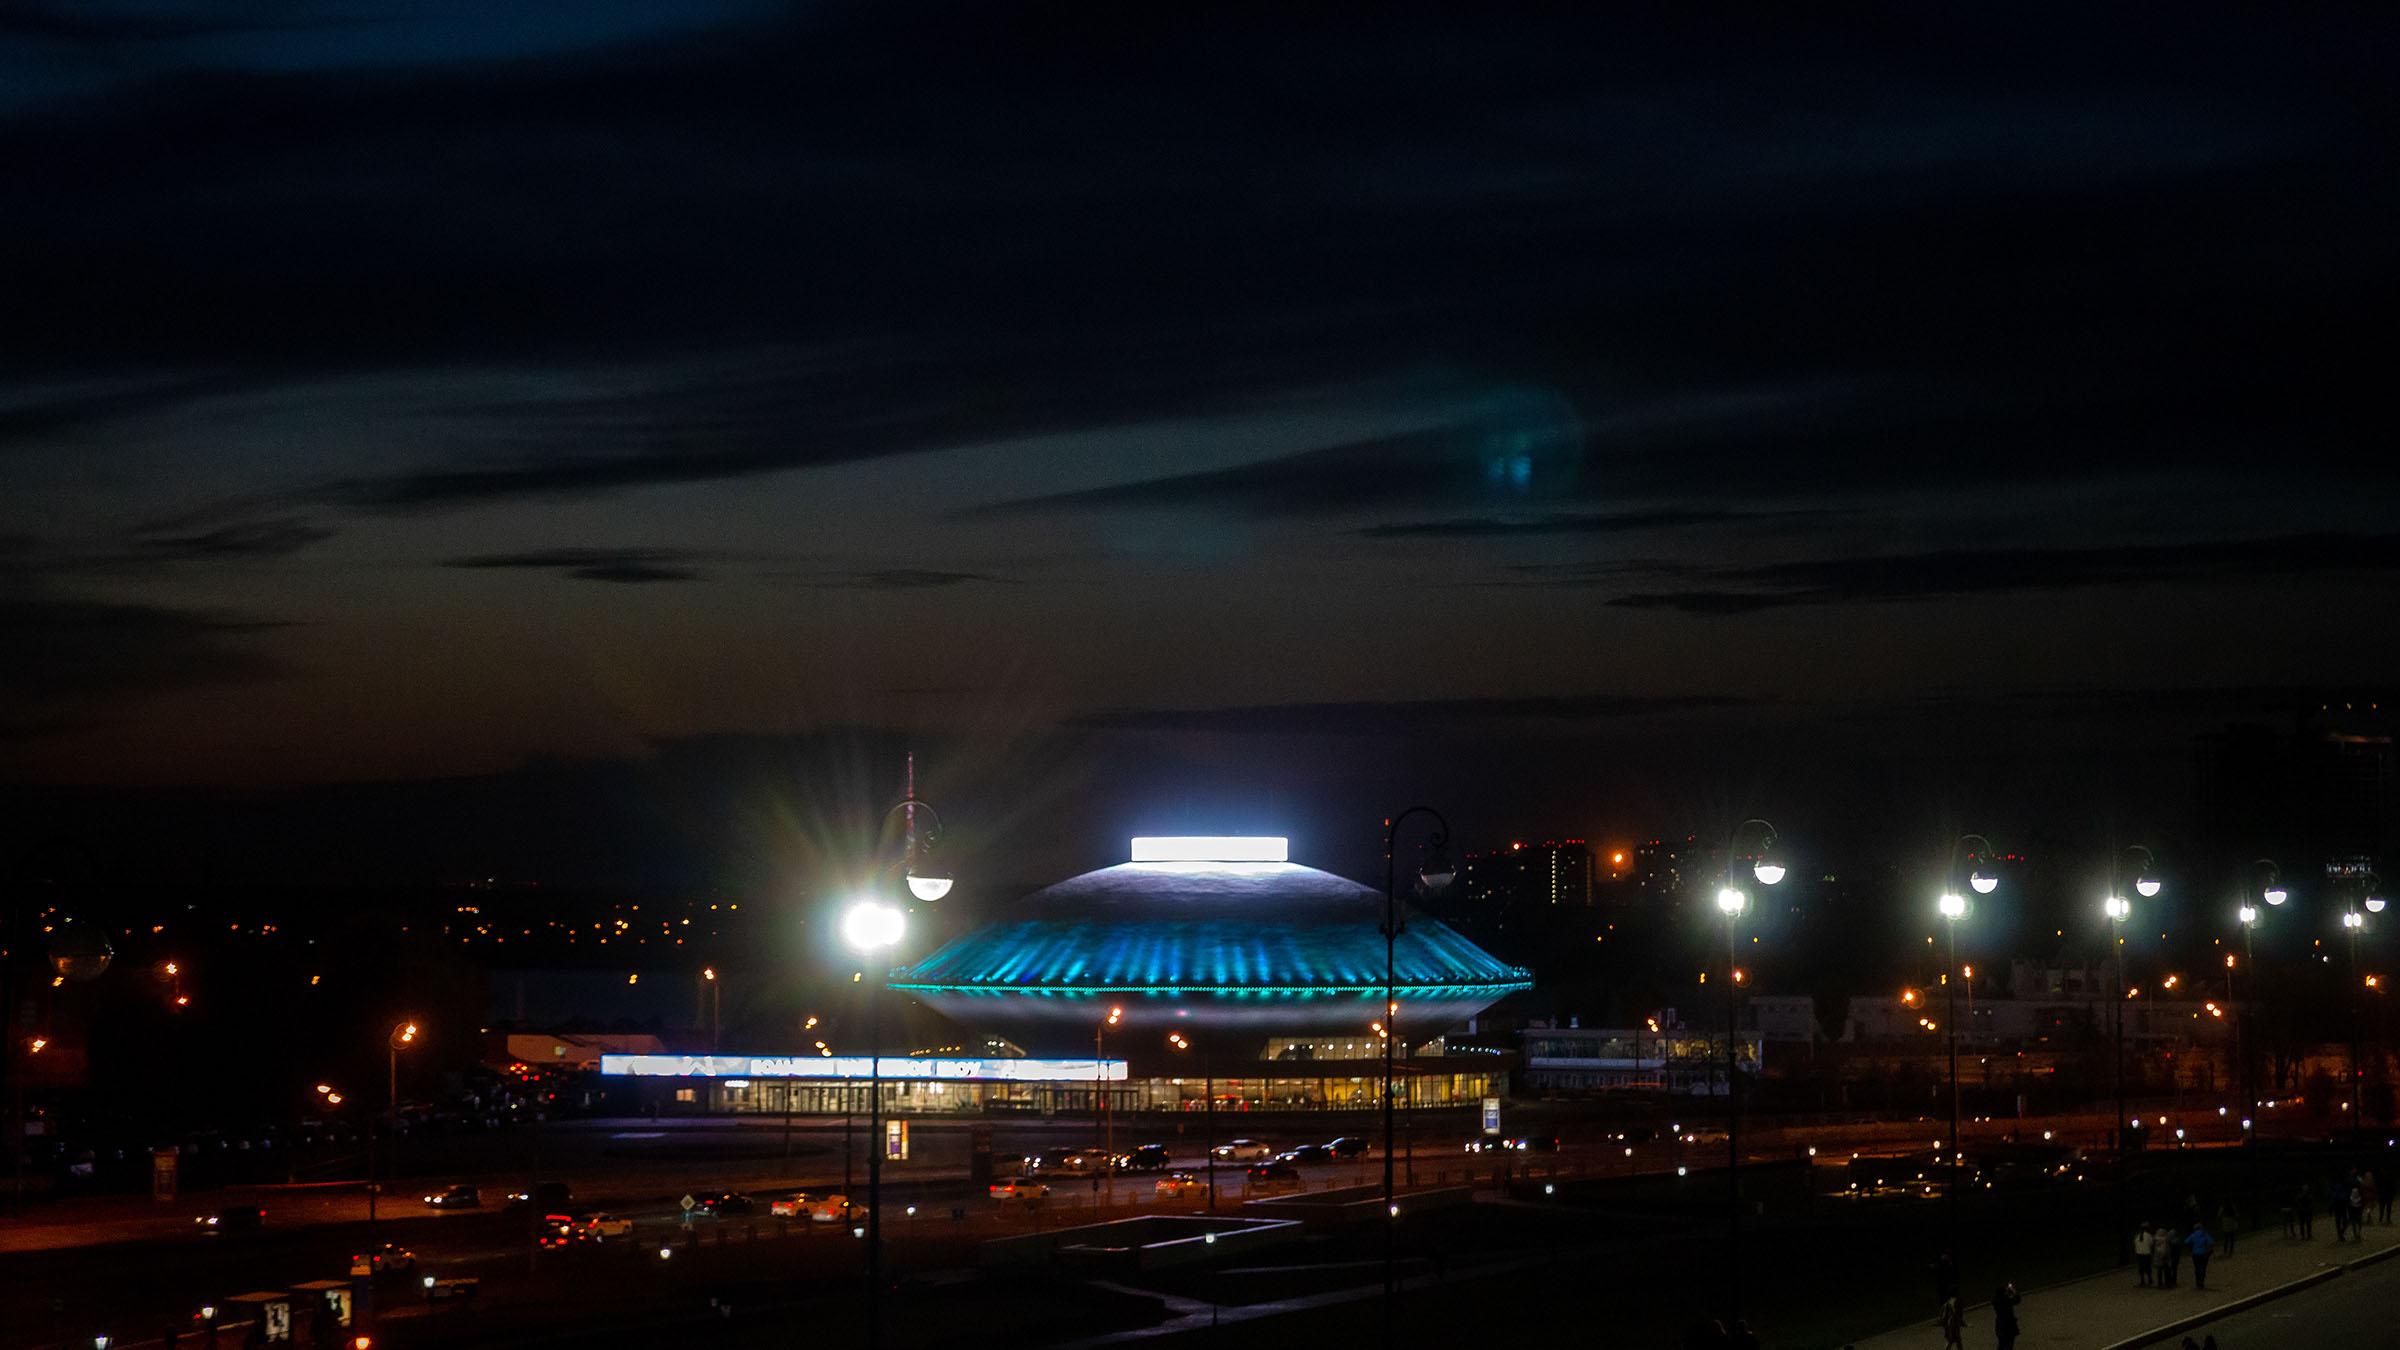 Цирк. Казань, вечер, октябрь 2020::Казань, Кремль, вечерняя прогулка